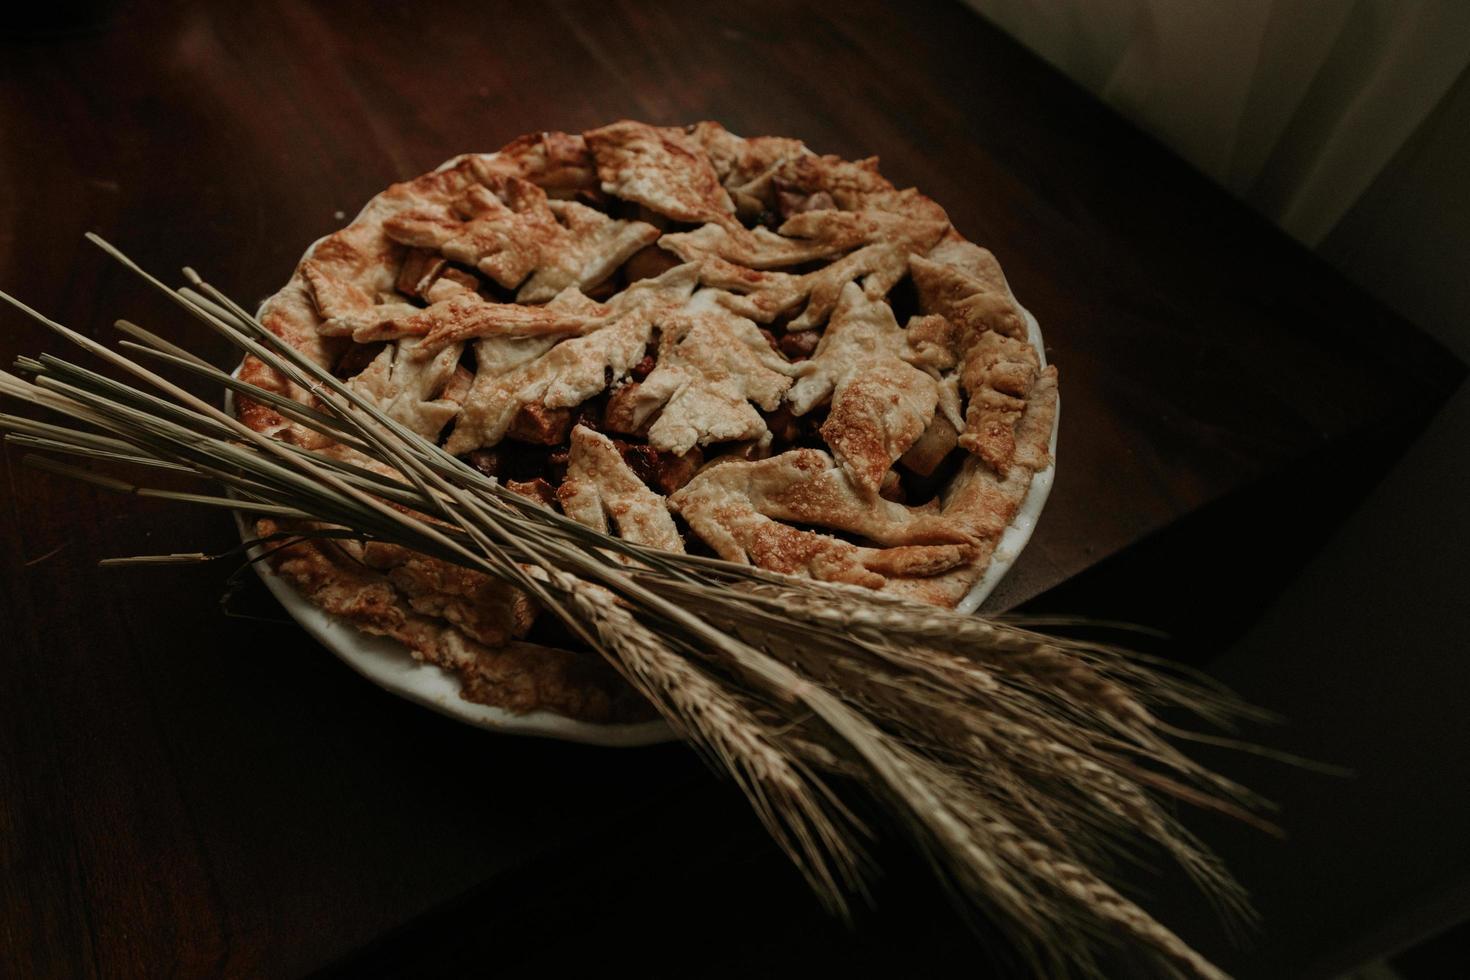 gebakken taart op houten tafel foto